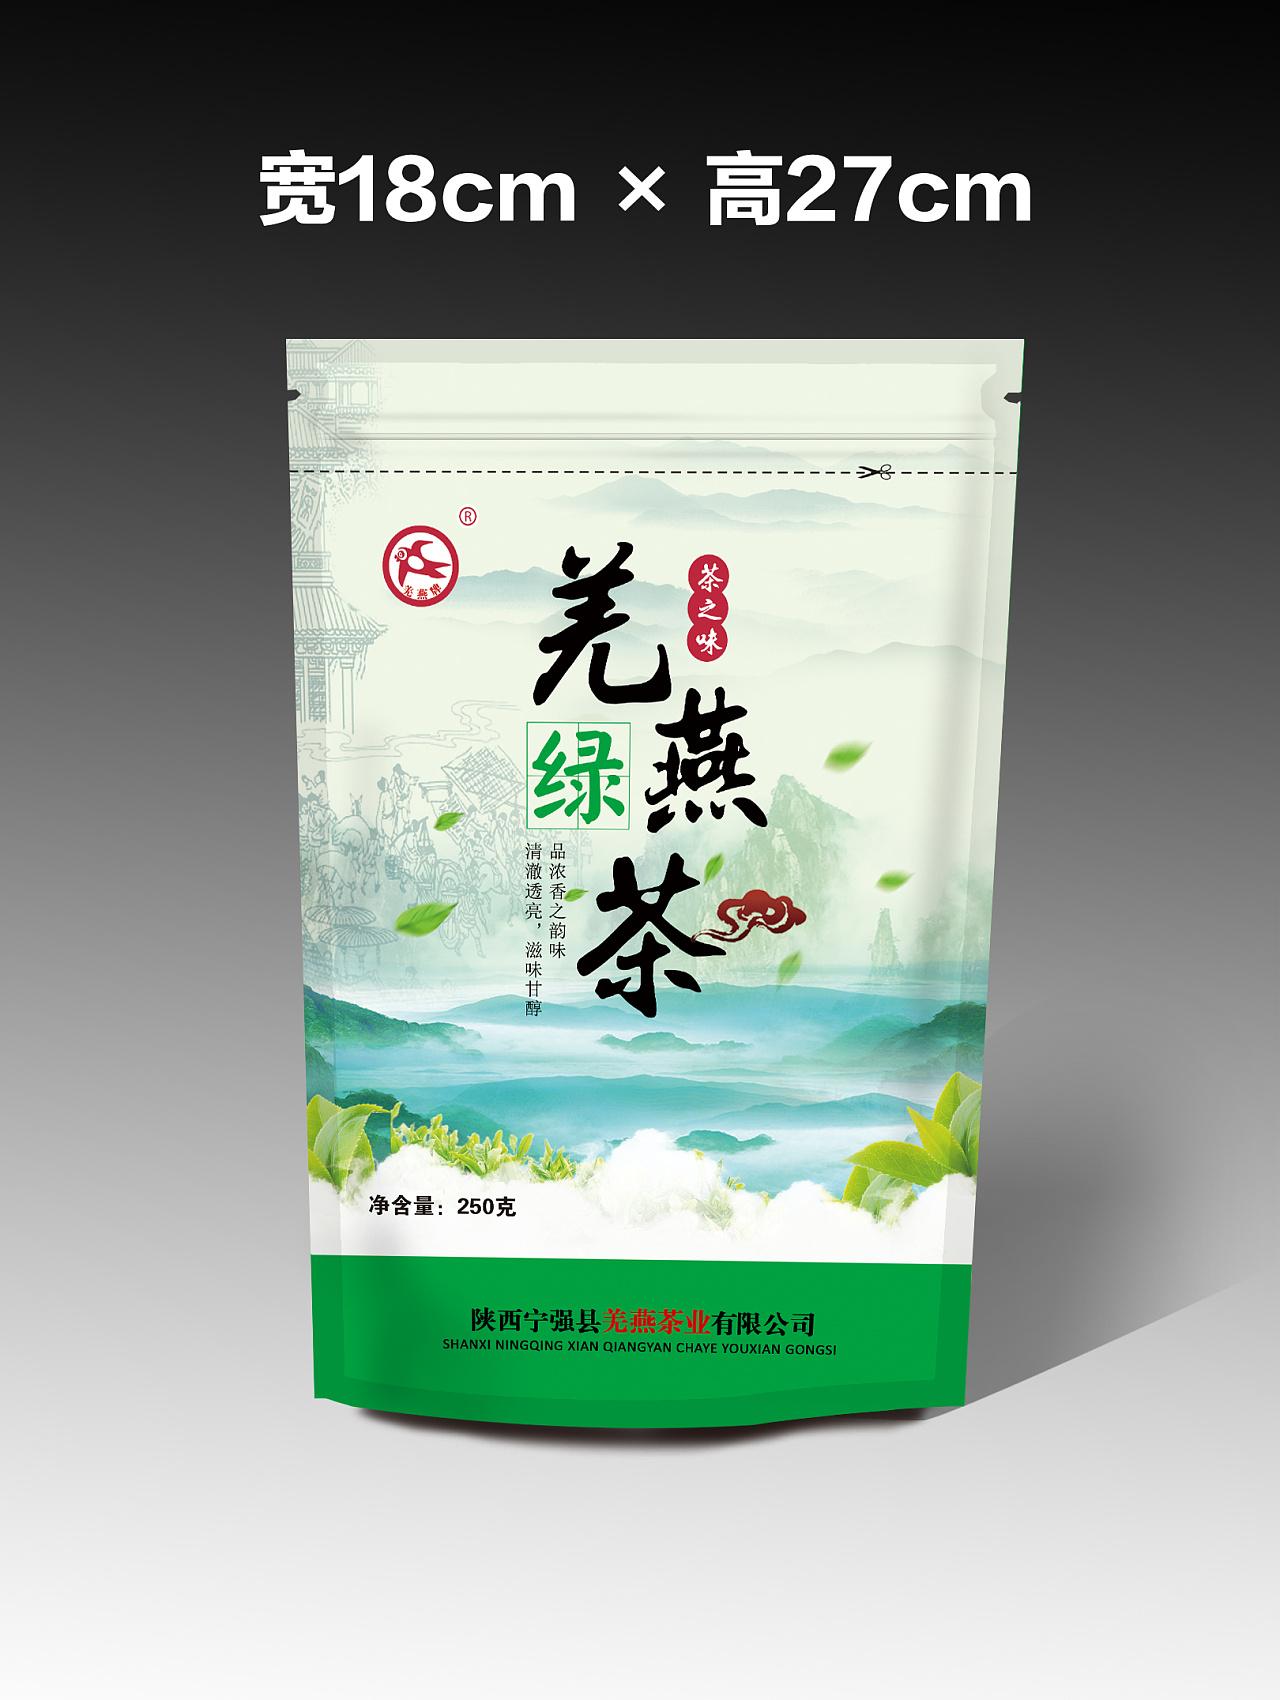 茶叶包装袋 绿茶包装设计 小清新 食品包装设计图片